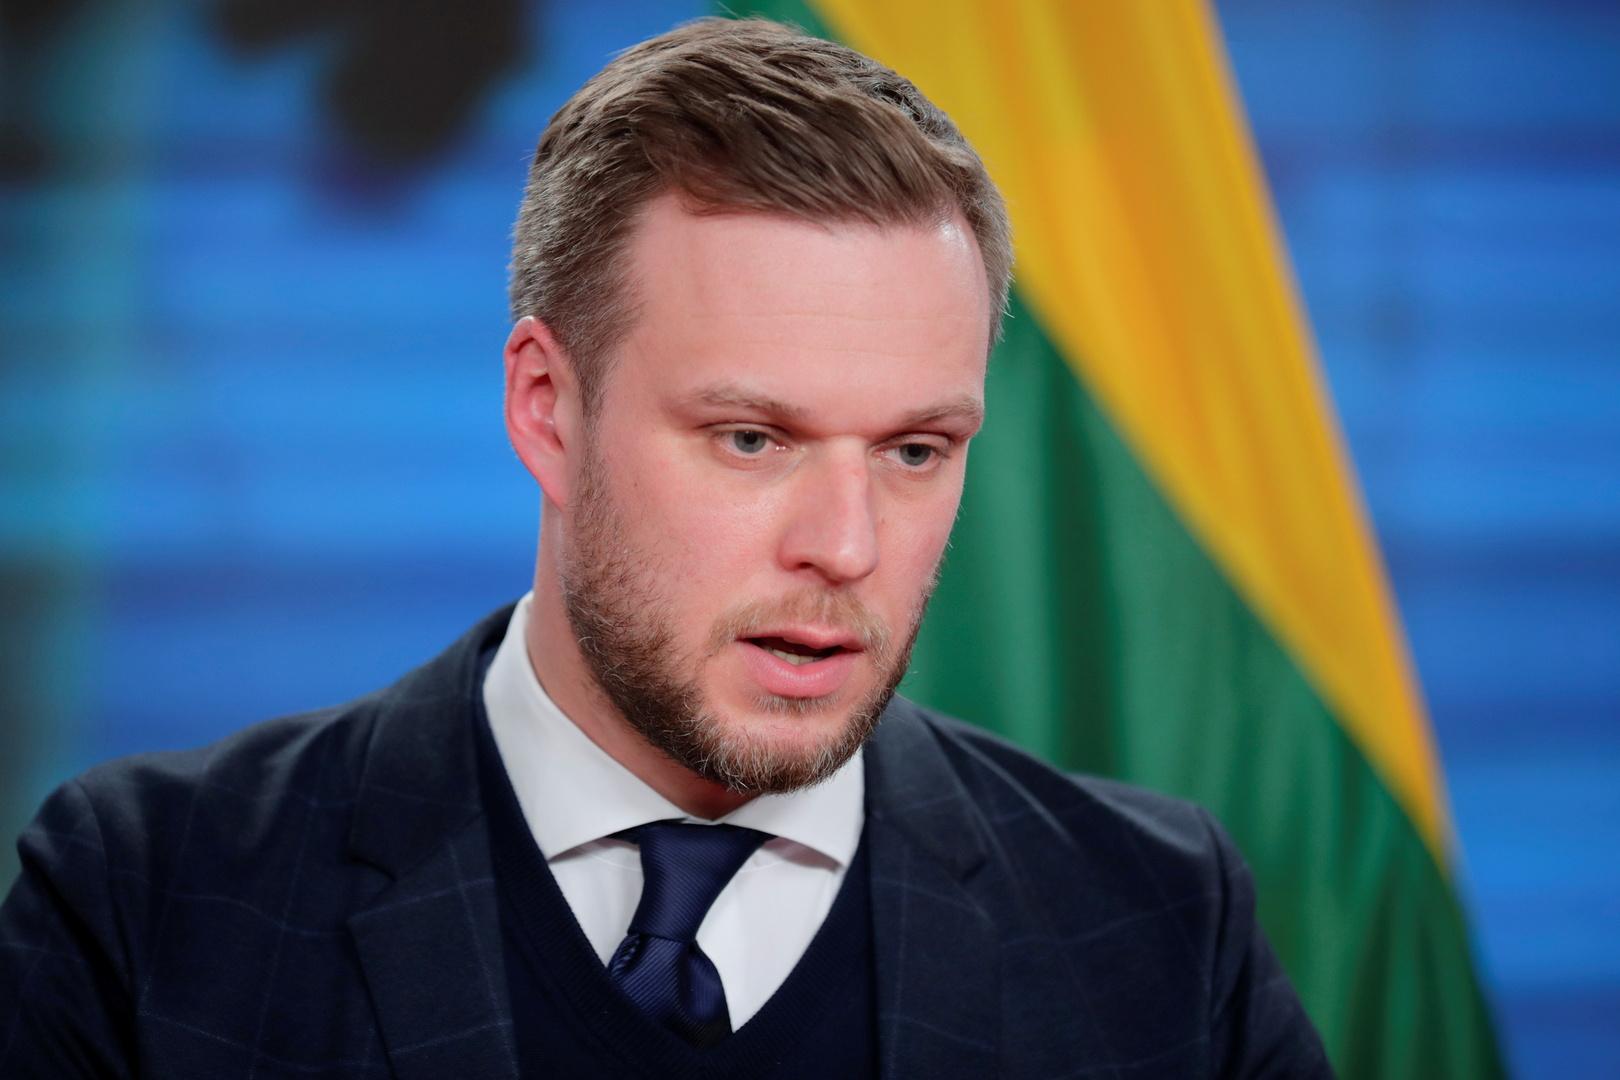 وزير خارجية ليتوانيا يوجه تحذيرا إلى المهاجرين من العراق وتركيا